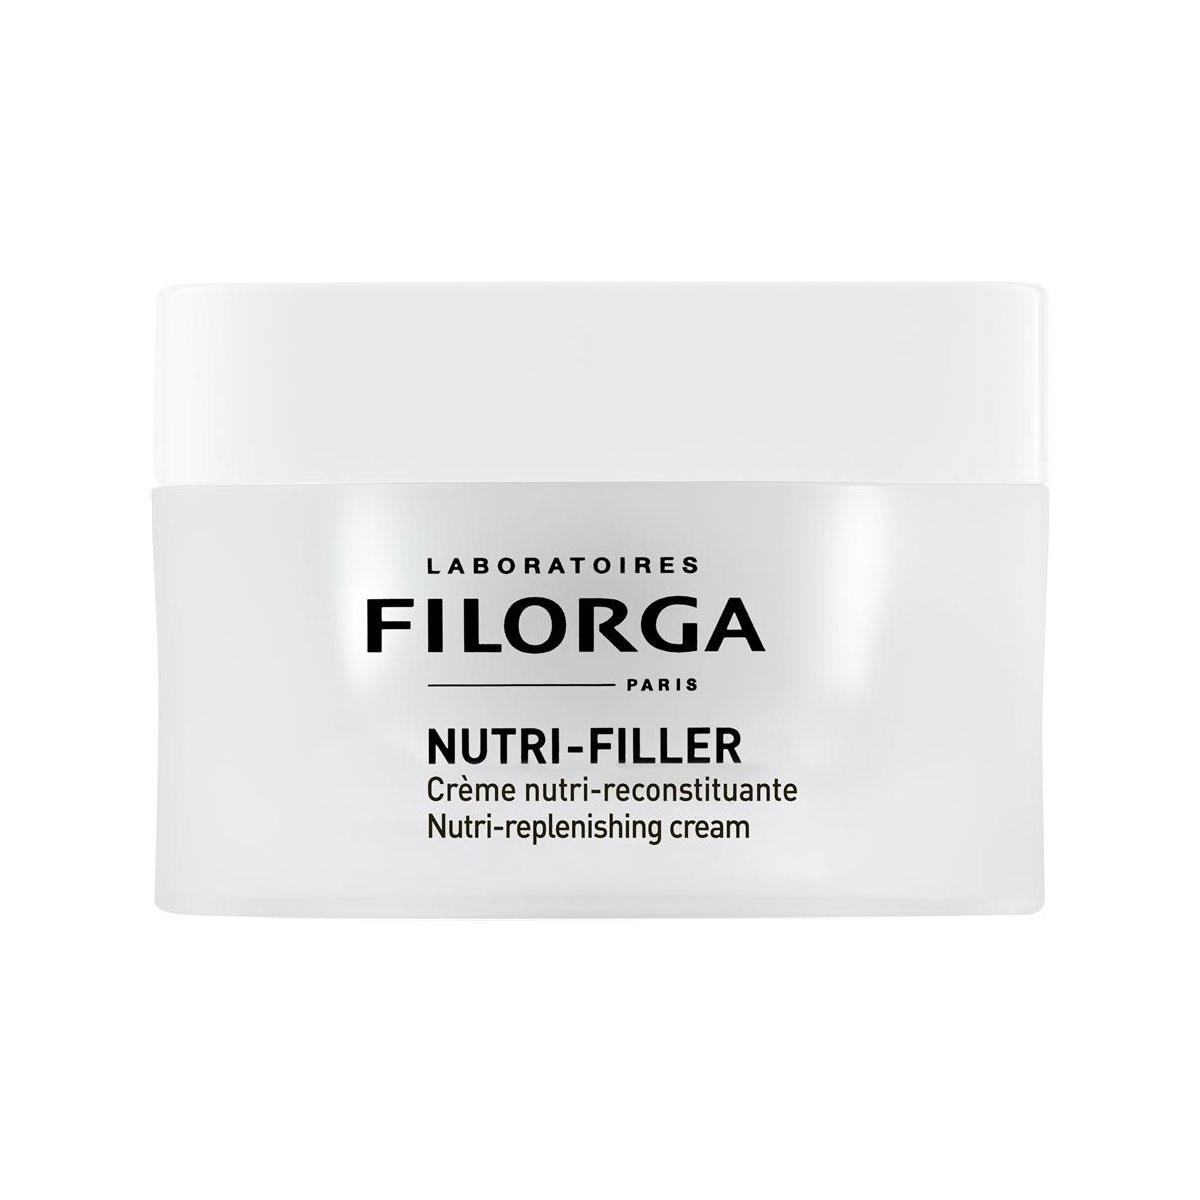 Filorga - Nutri-Filler Creme 50ml